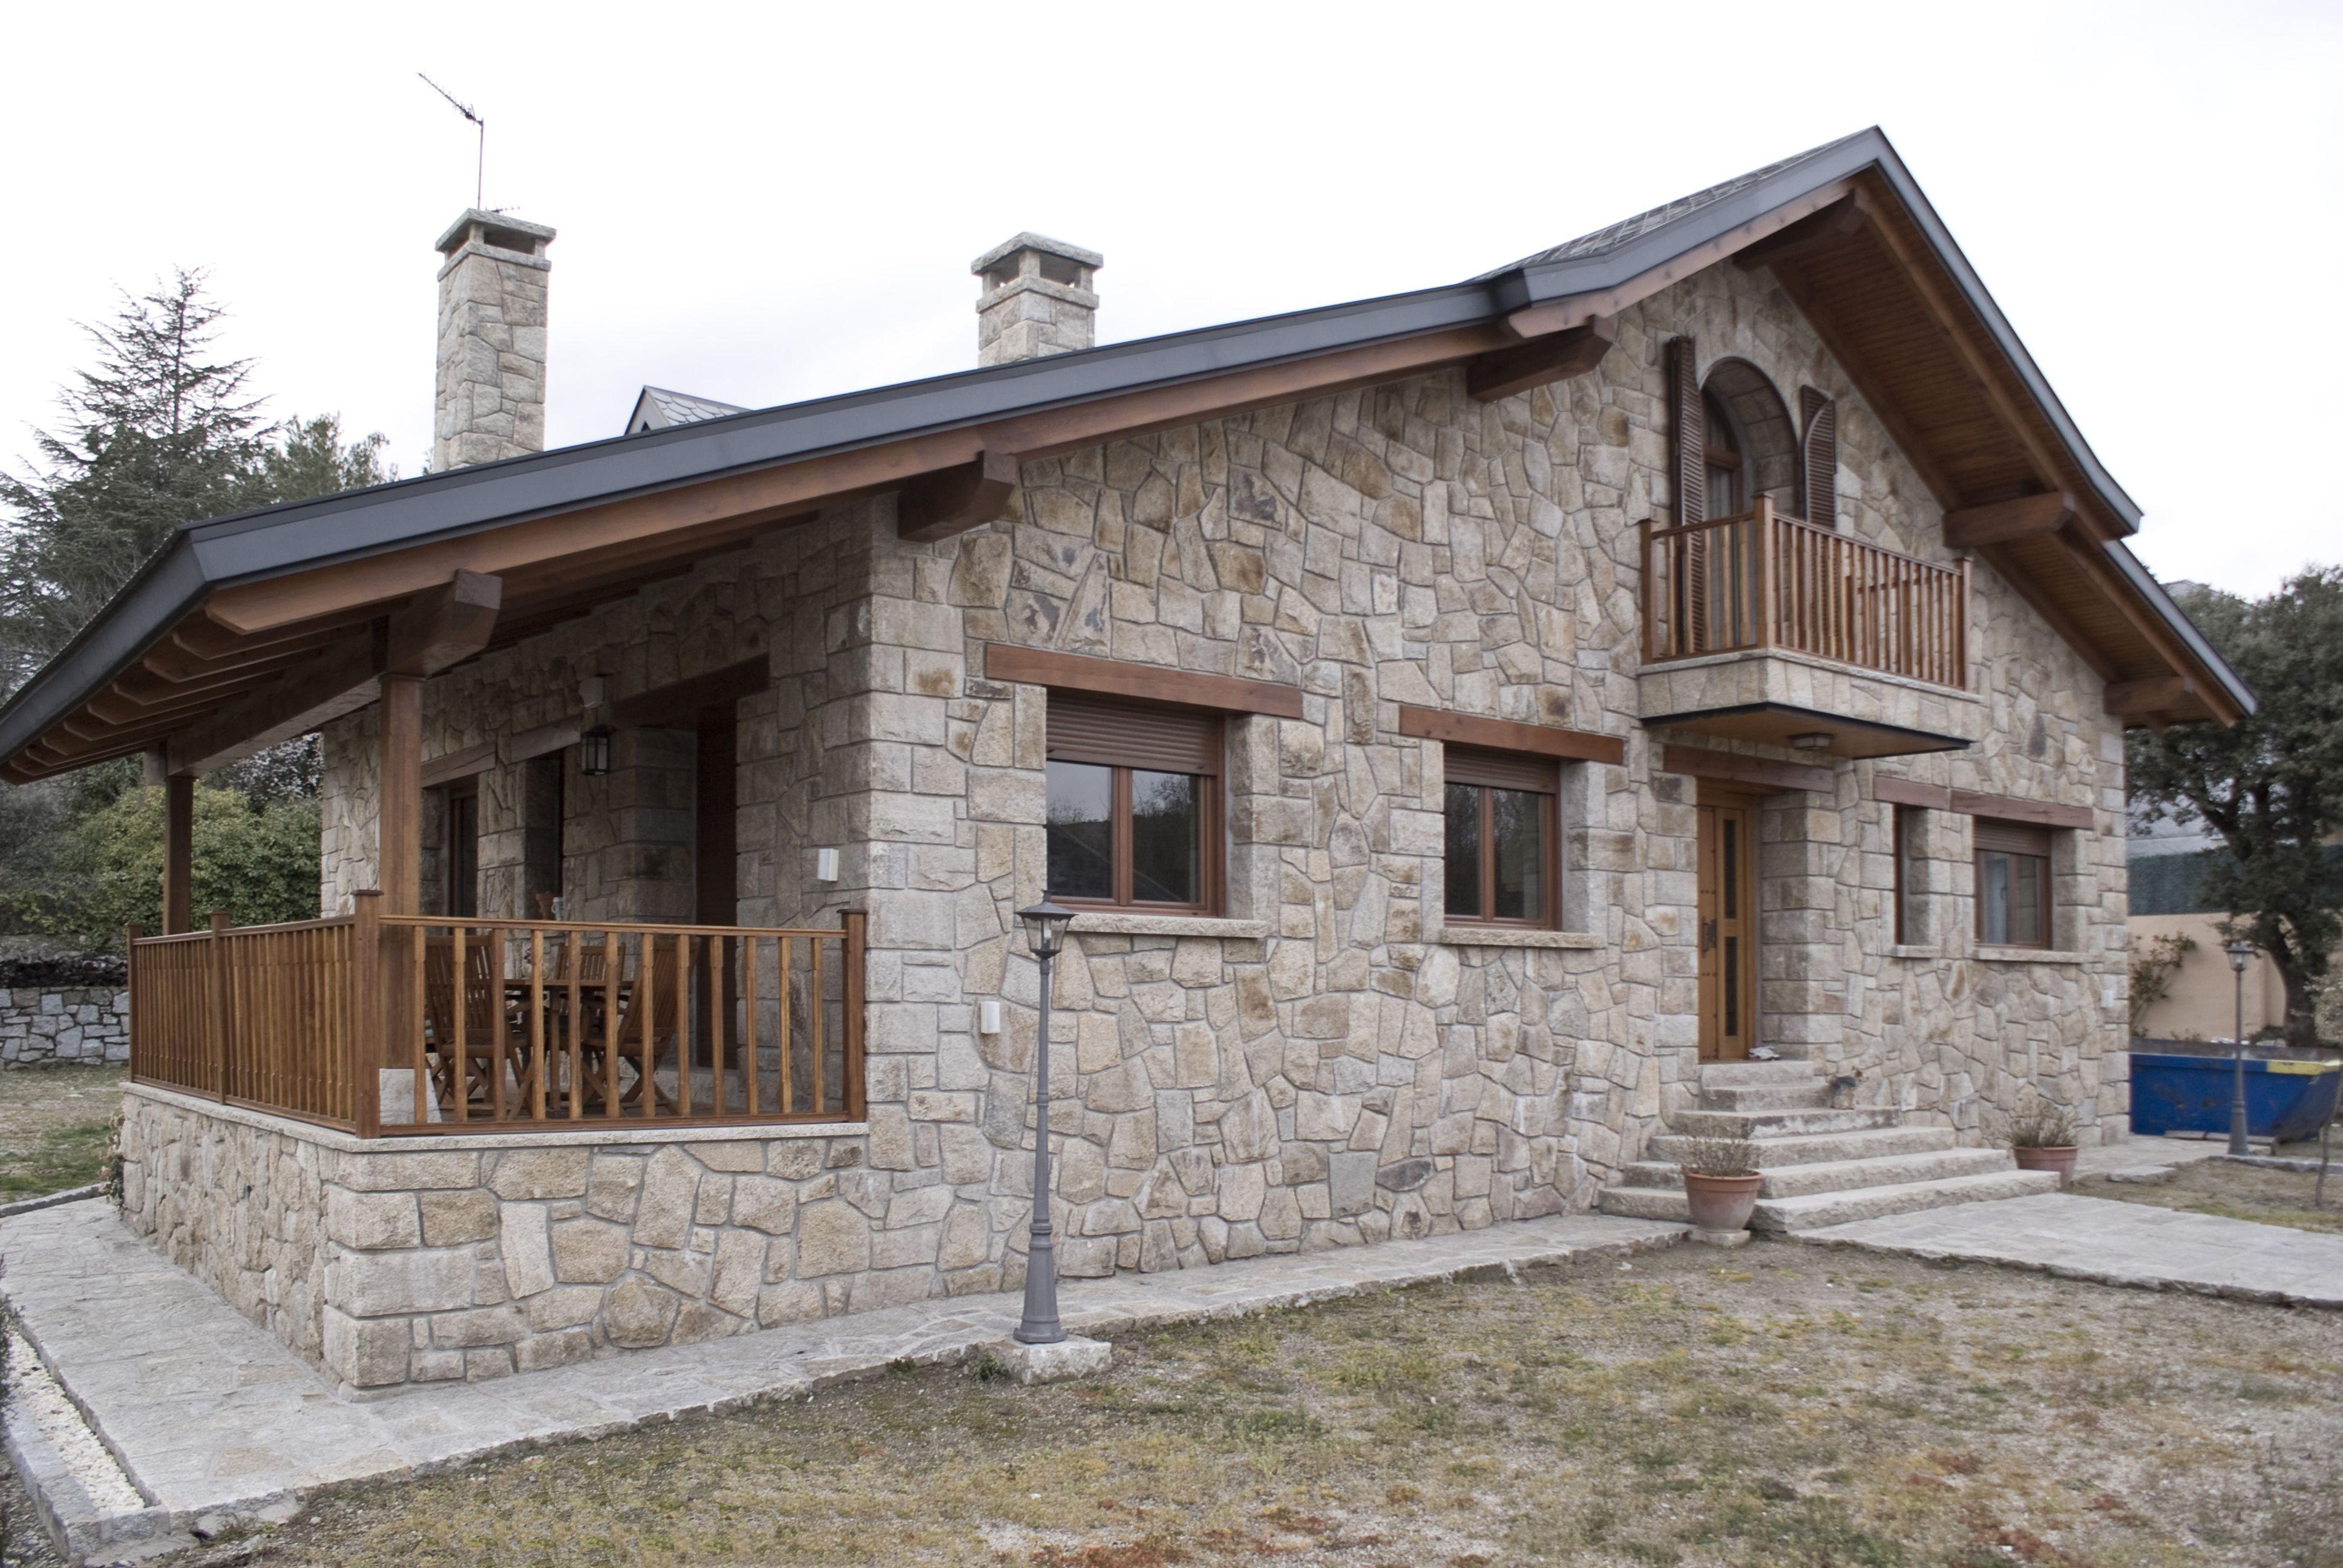 Casas rustico balcon exterior porche sillas mesas for Fachadas de casas con porche